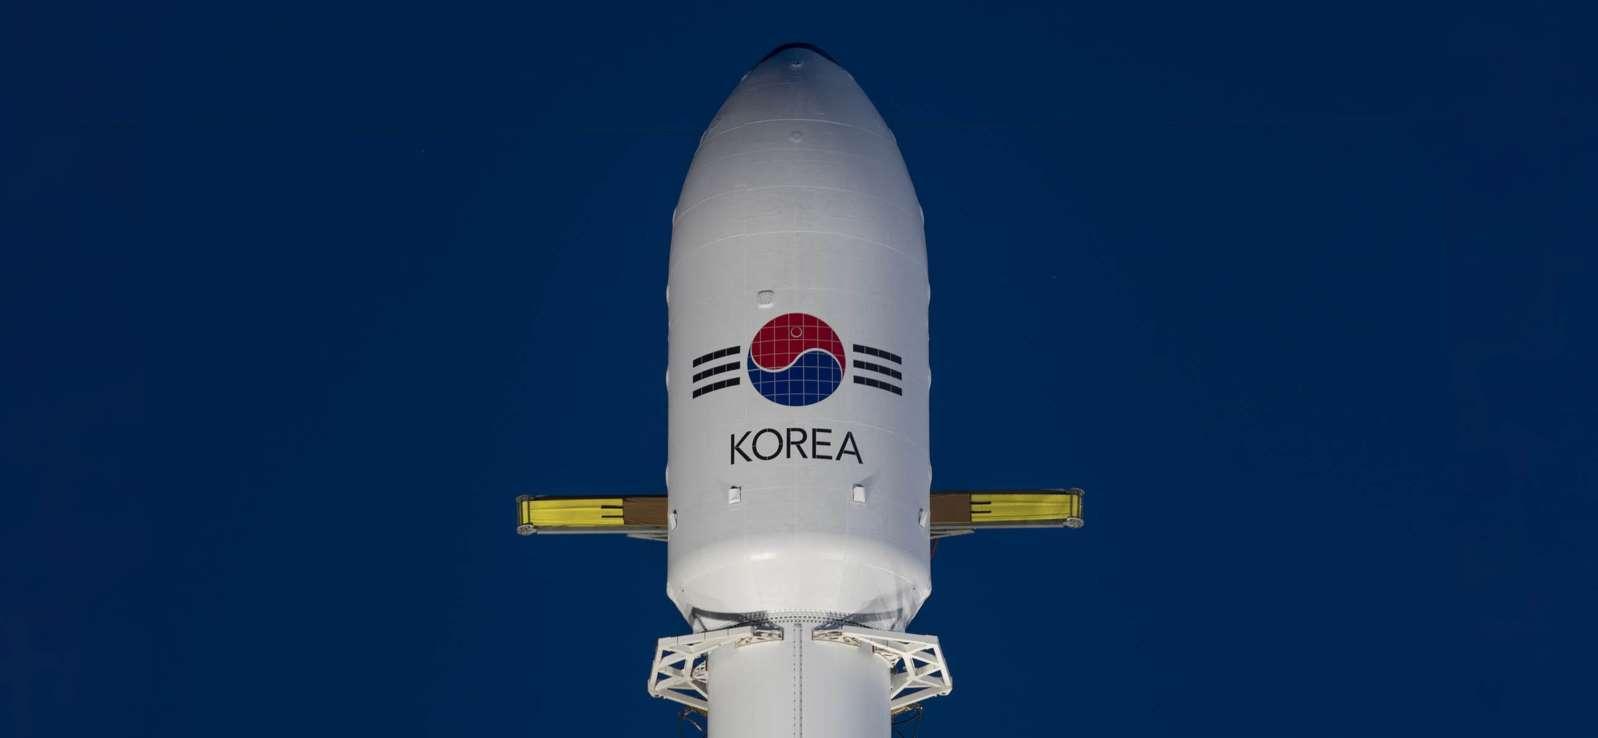 韩国首颗军事通信卫星成功进入静止轨道